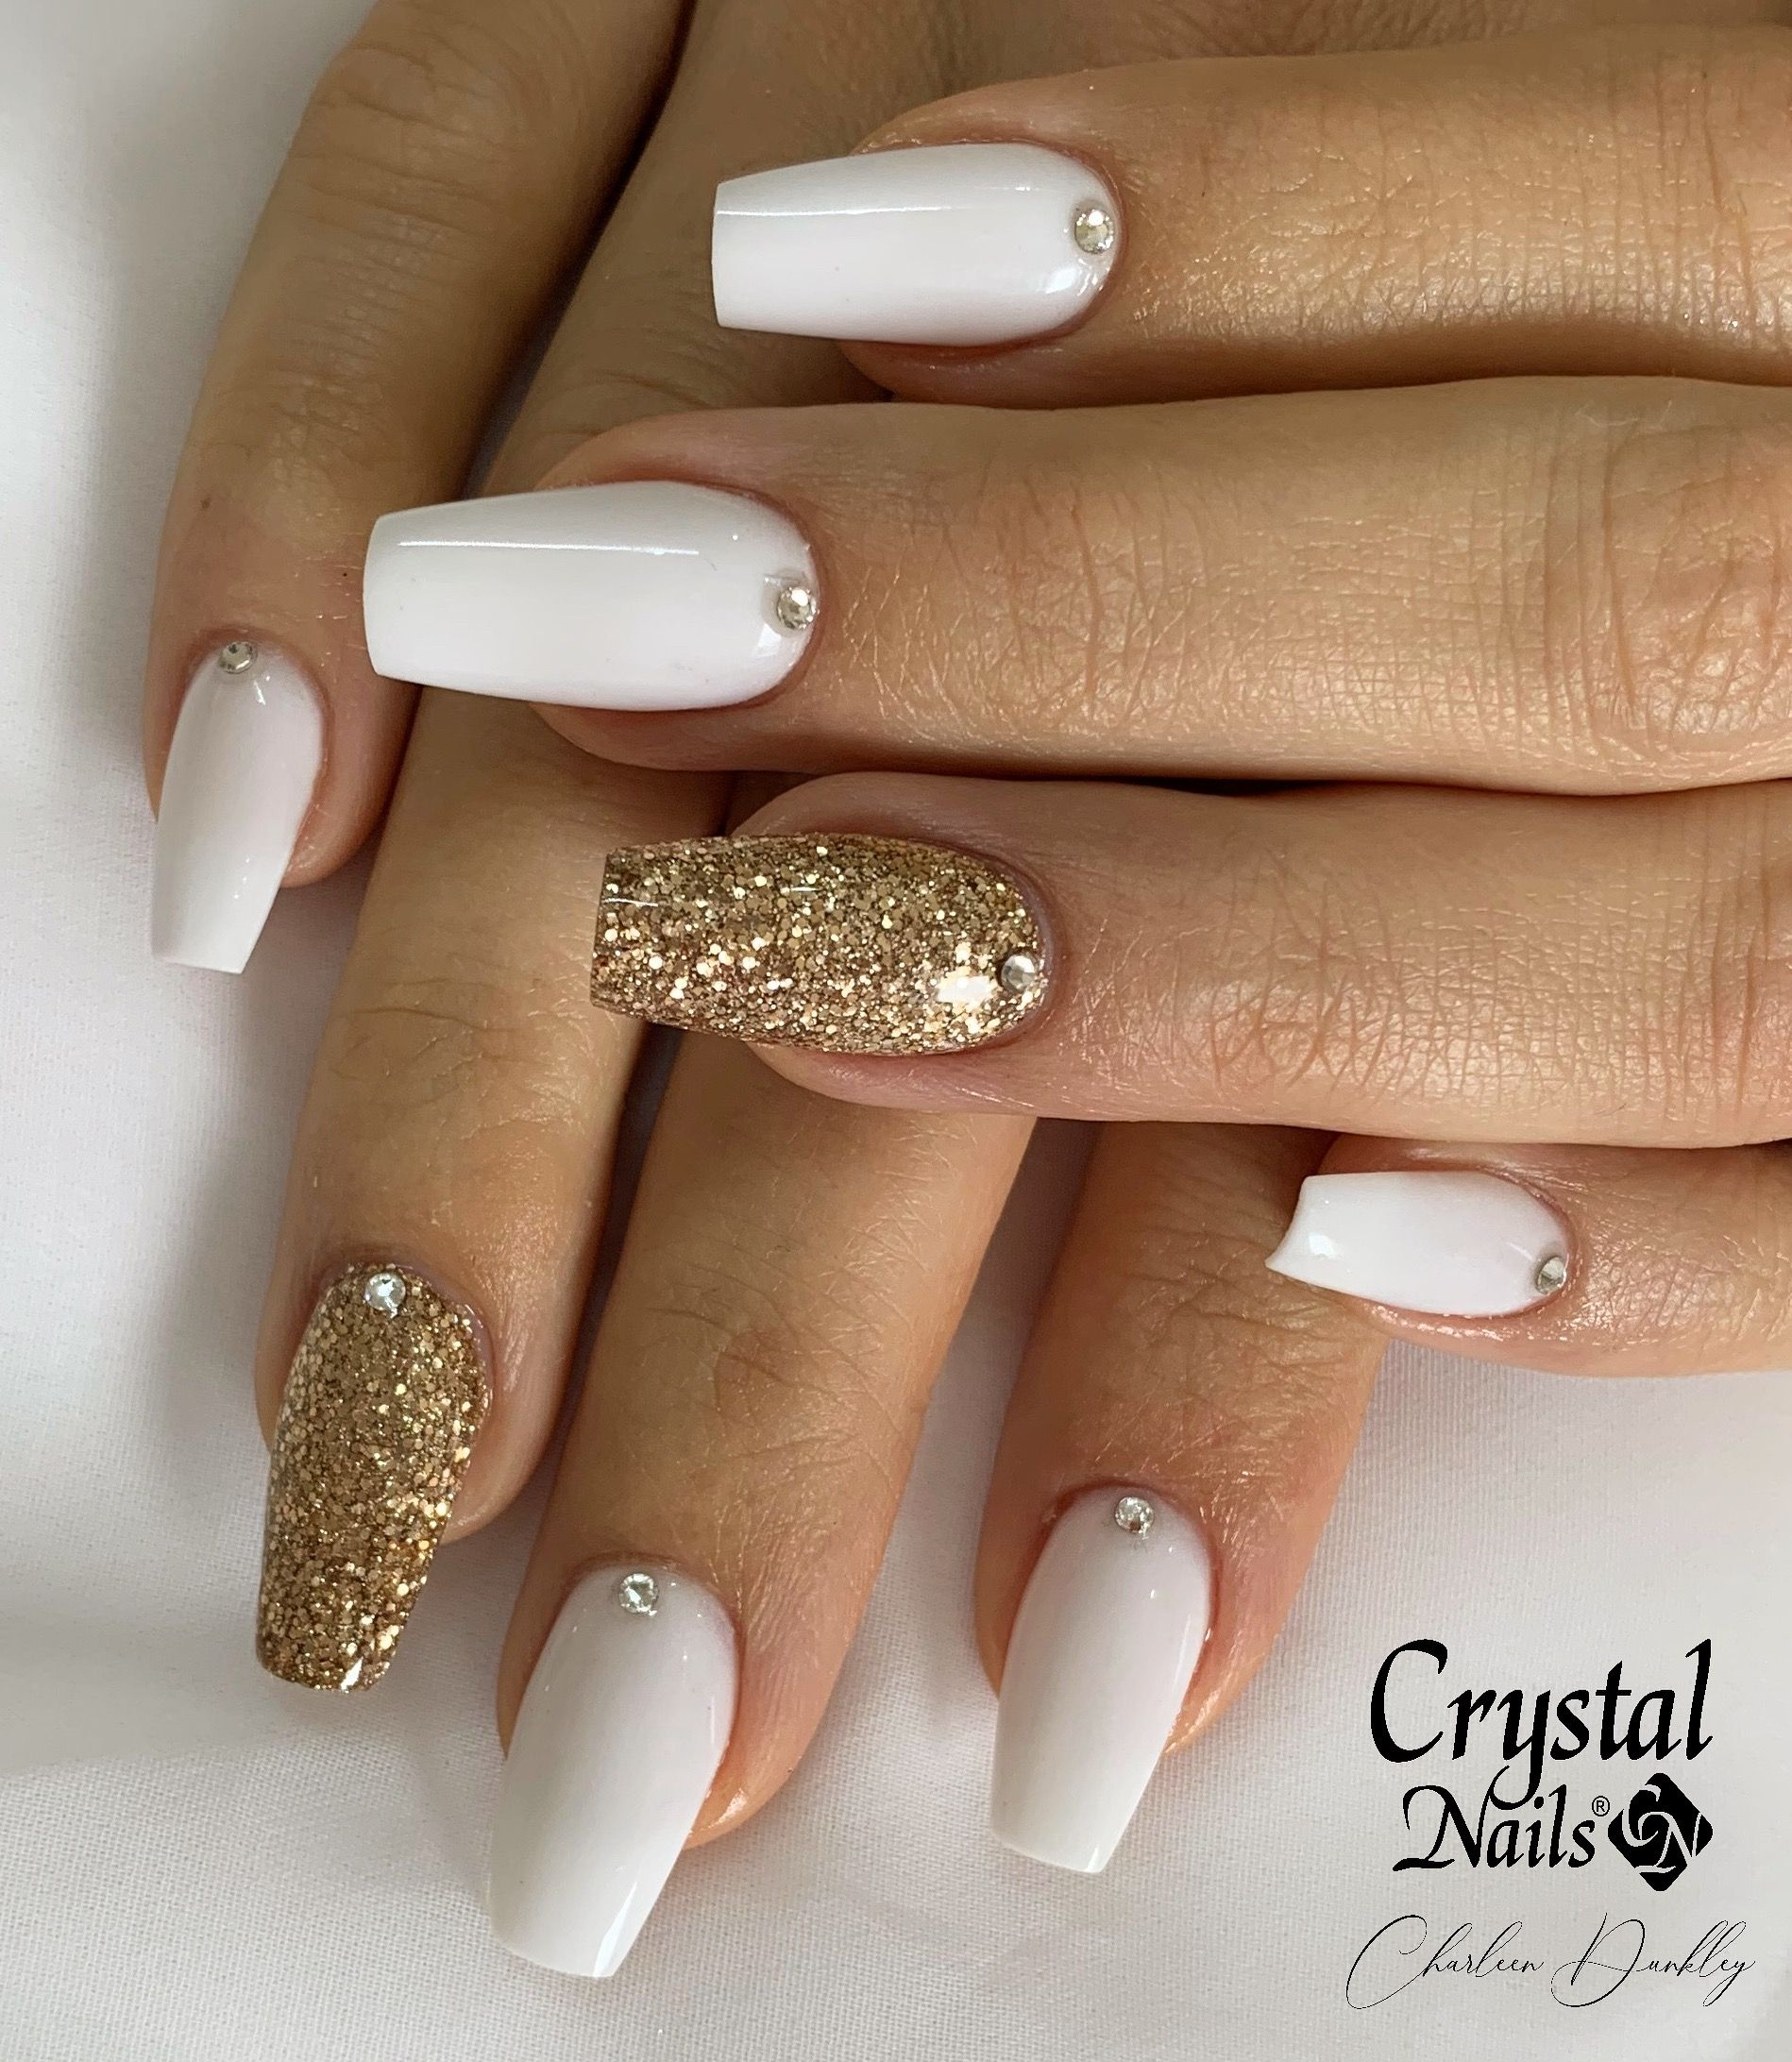 White Gold Nails White Nails With Gold White Acrylic Nails With Glitter White Acrylic Nails